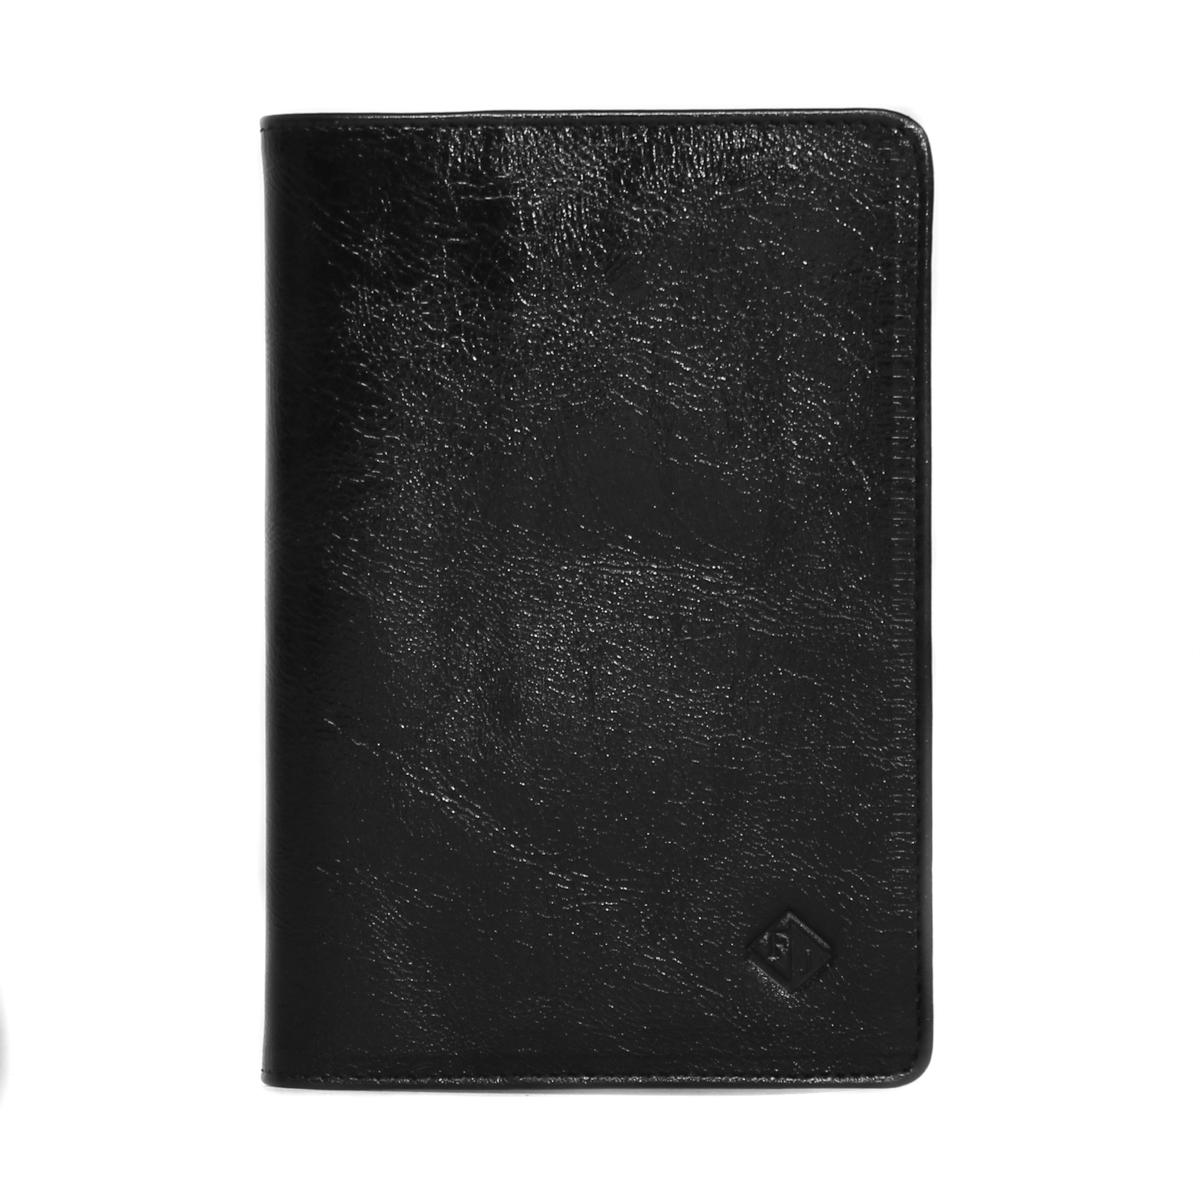 Обложка для паспорта Flioraj, цвет: черный. 00051113MWH5602/3Обложка для паспорта Flioraj - удобная и практичная обложка для документов.